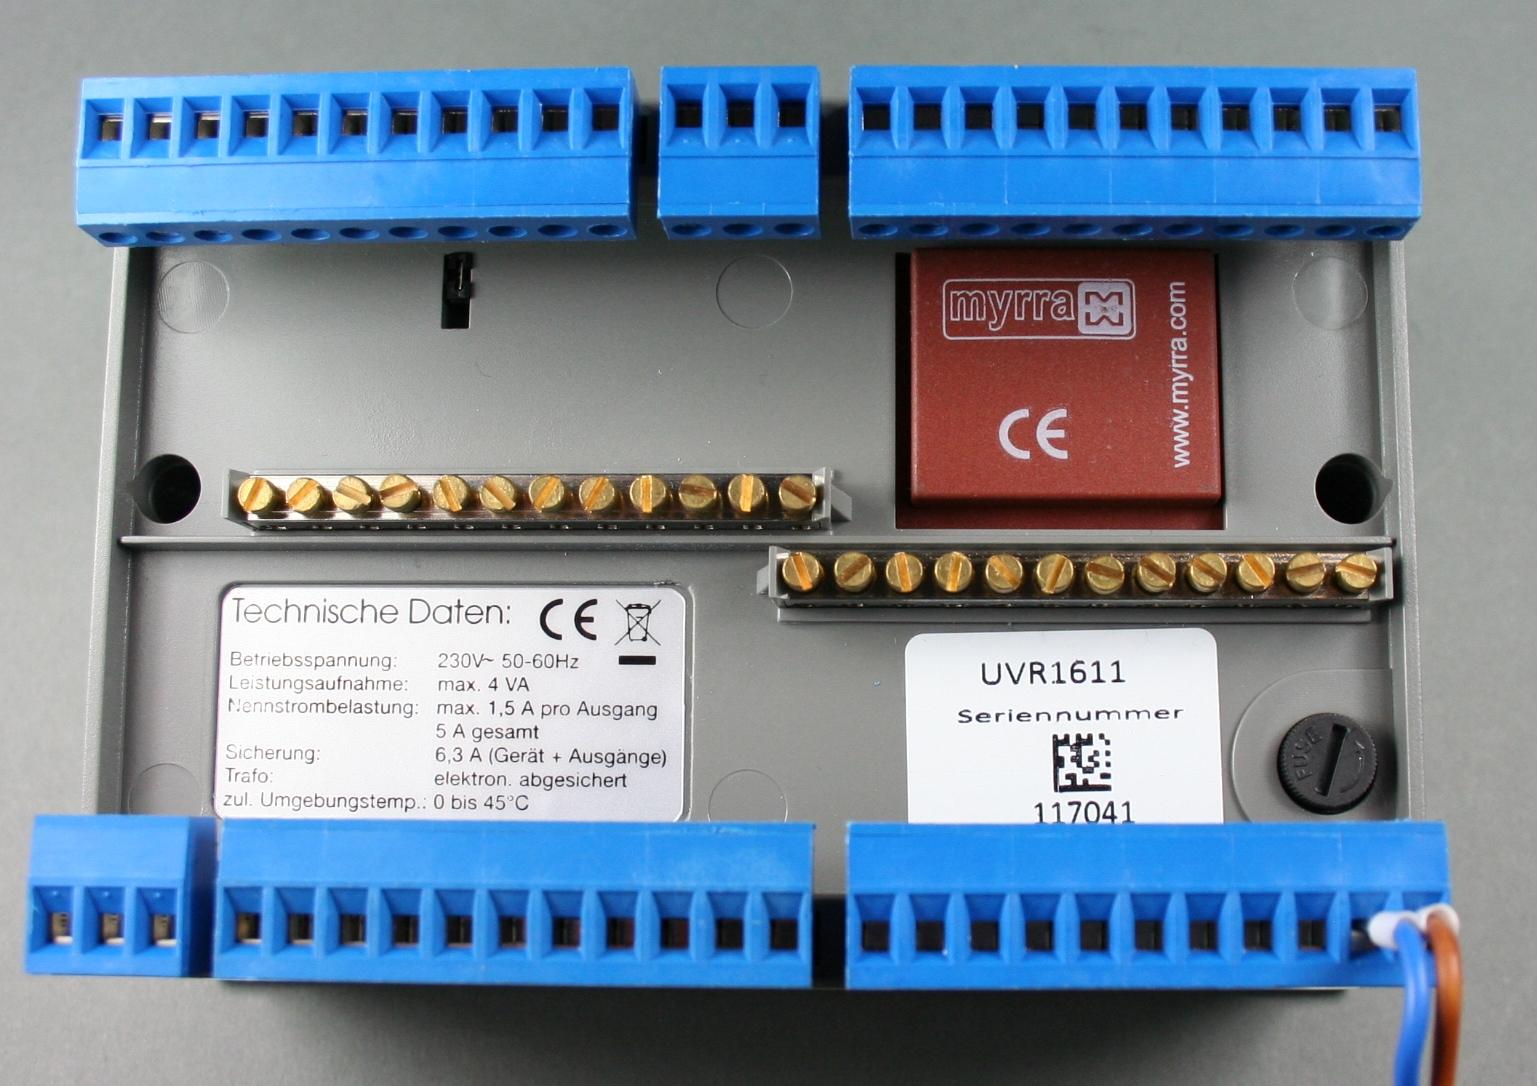 Massive Anschlussklemmen halten die Kabel von Sensoren und Regelkreisen fest im Griff.